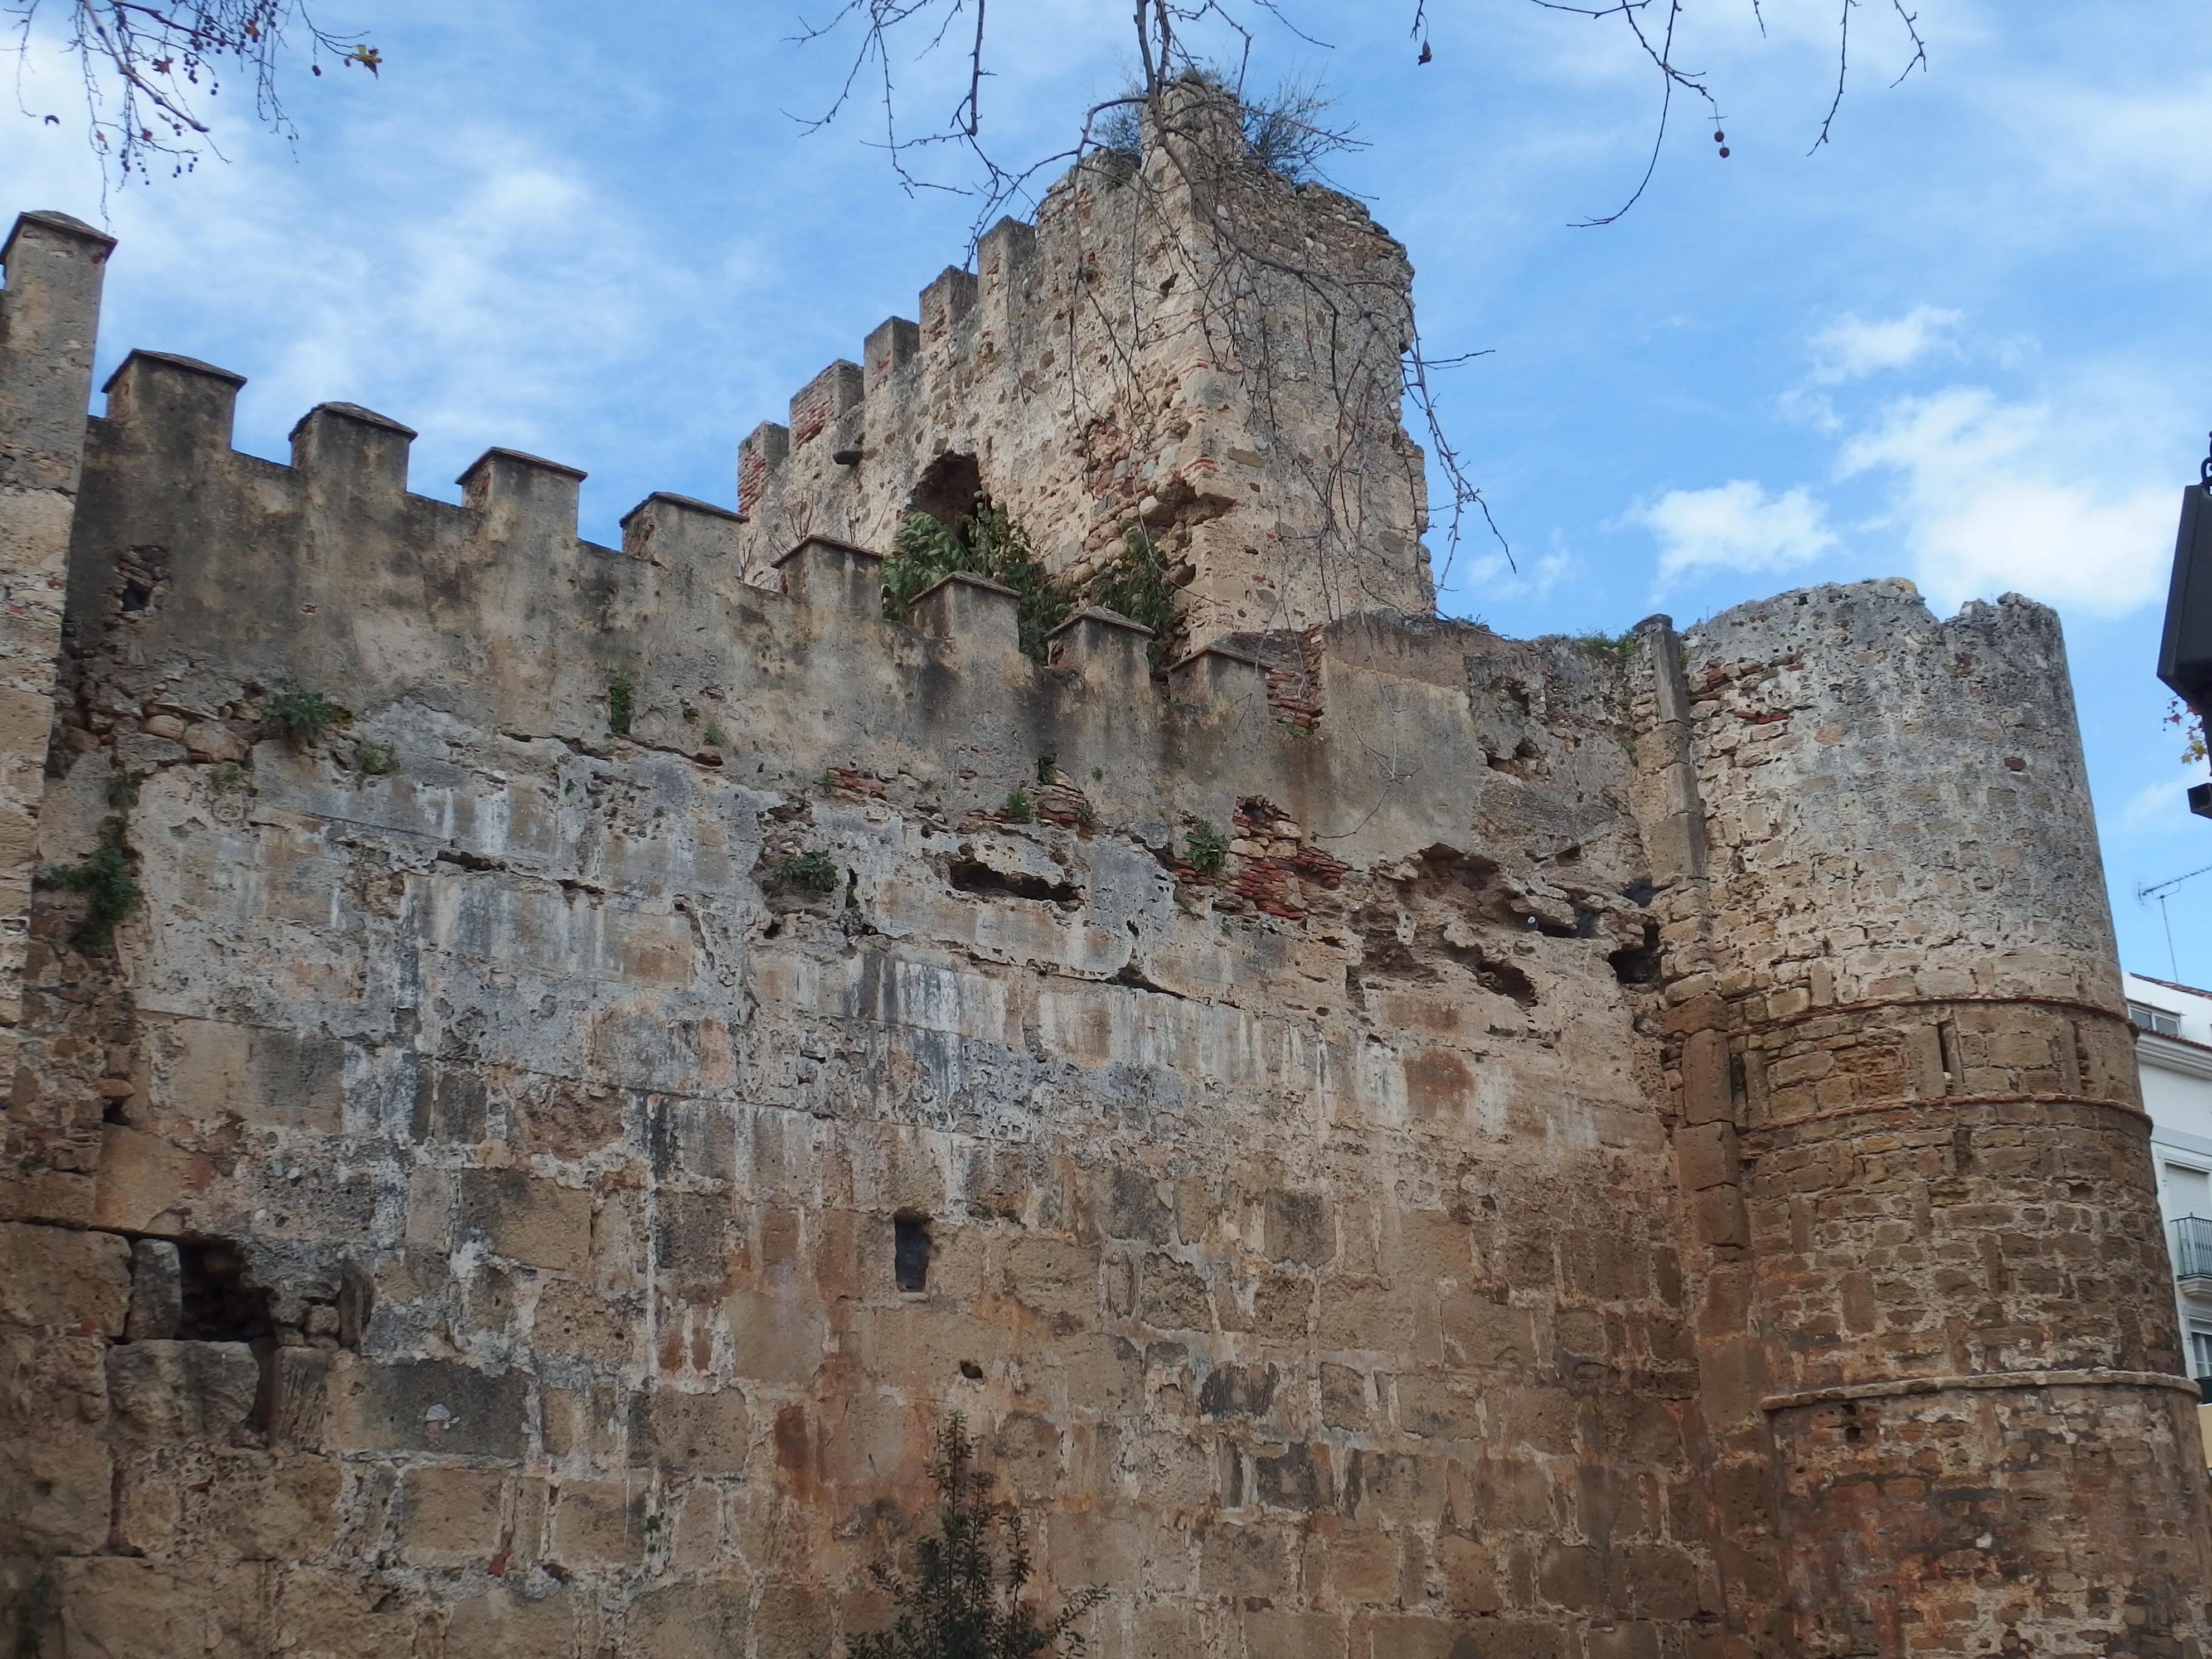 The Walls Around Marbella - Joanna Styles